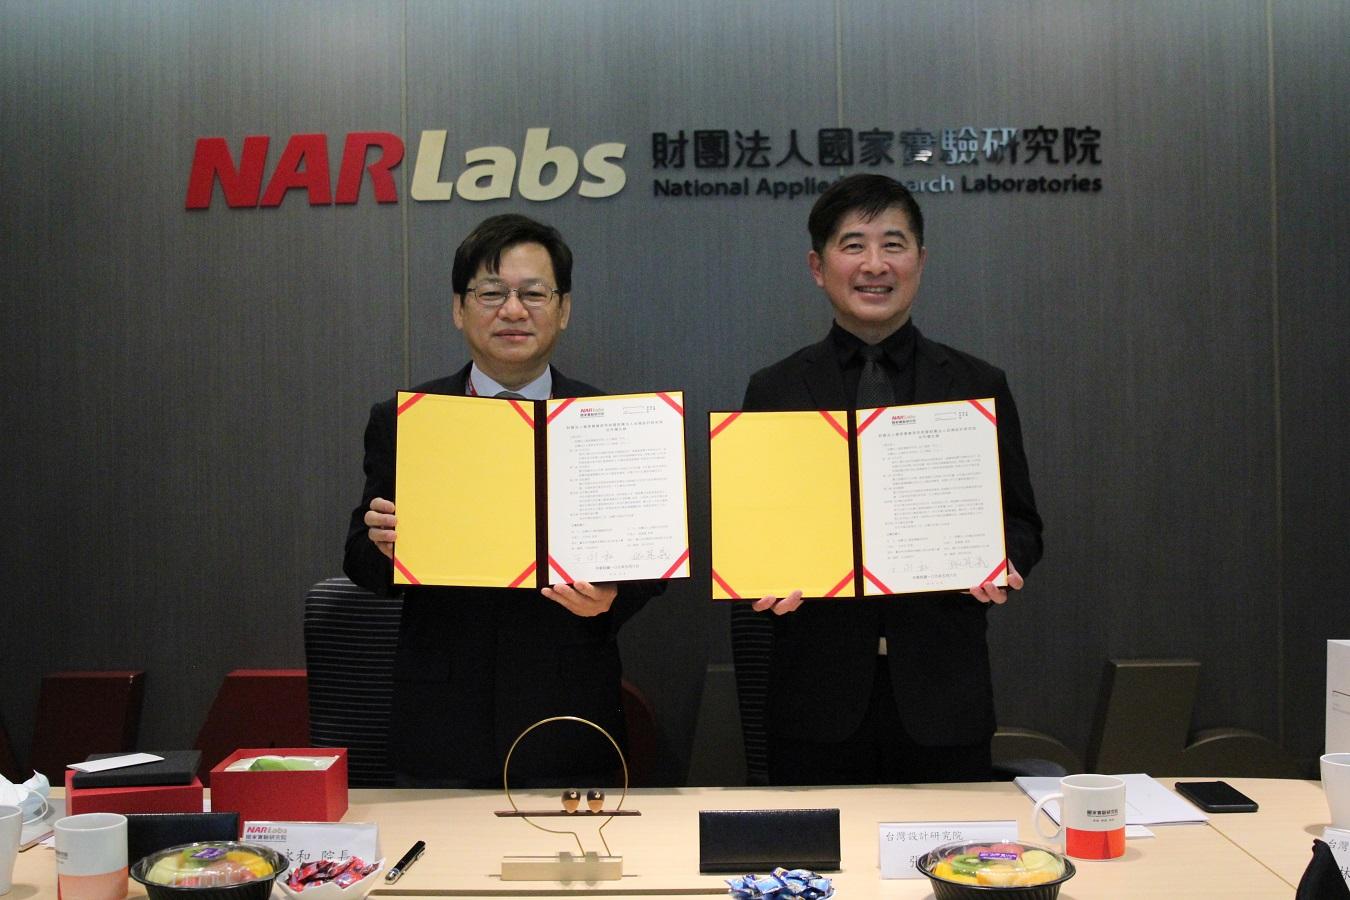 提升科學商業價值與促進科學傳播 國家實驗研究院、台灣設計研究院攜手合作